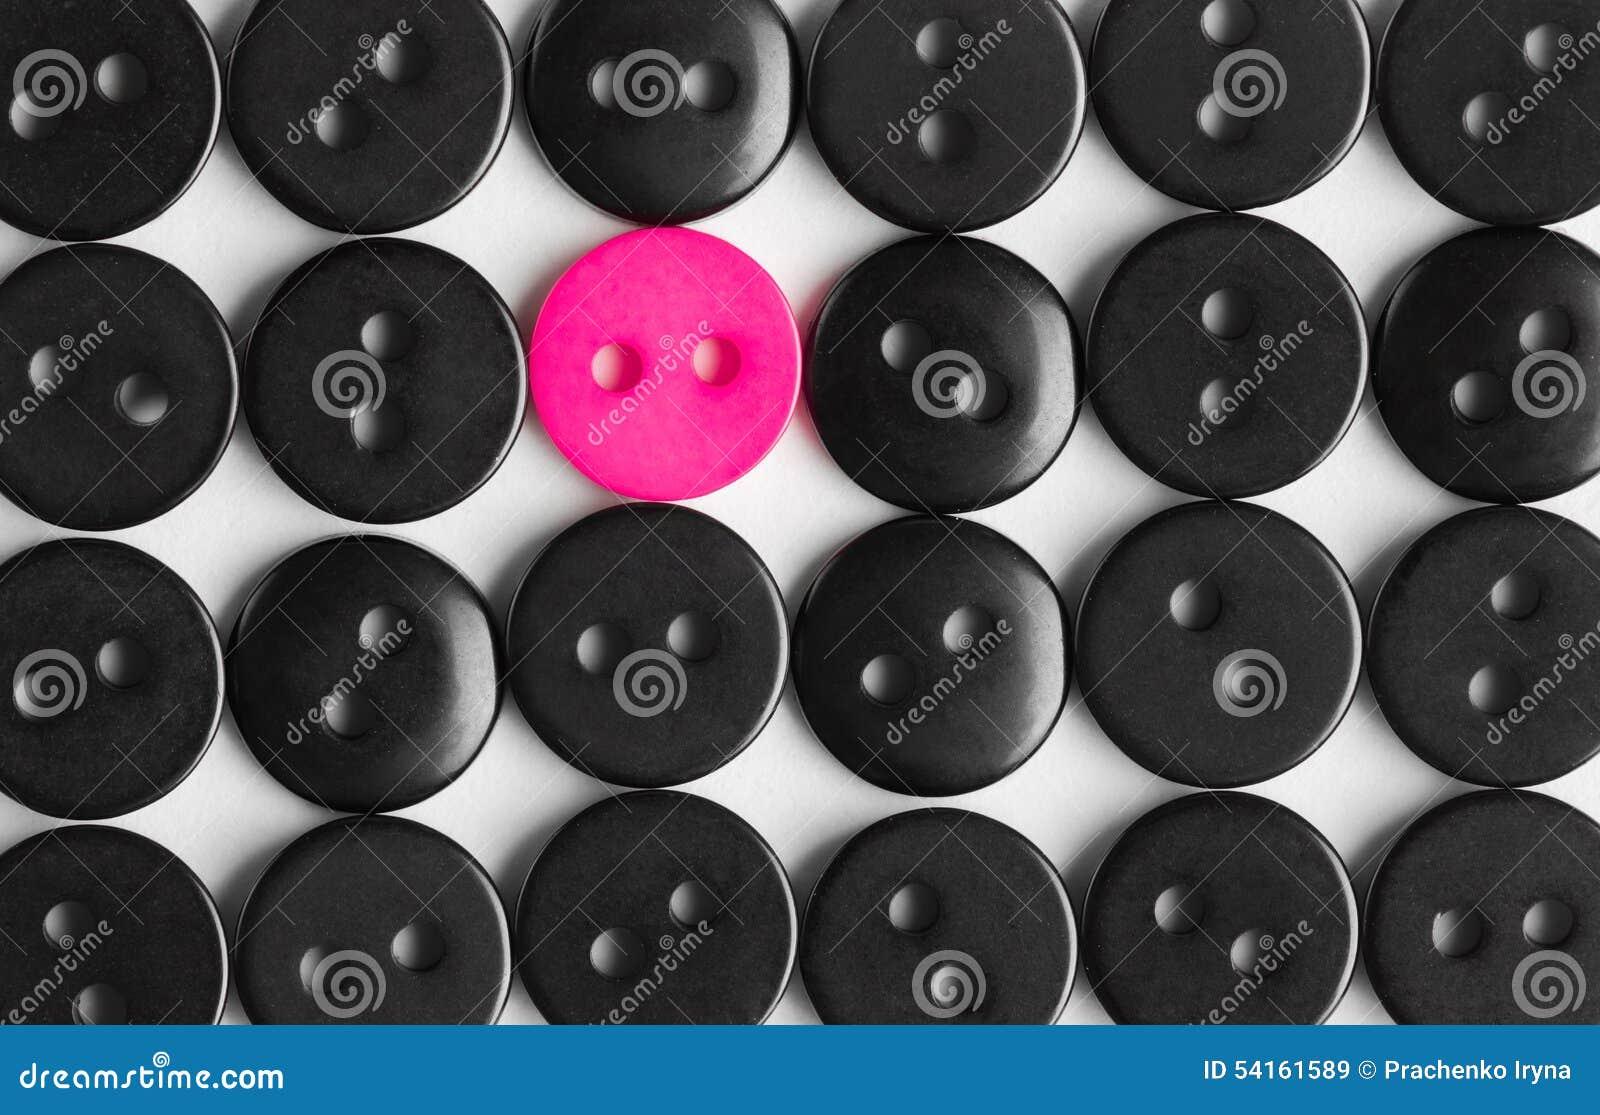 zu hell zu sein steht heraus konzept stockfoto bild 54161589. Black Bedroom Furniture Sets. Home Design Ideas